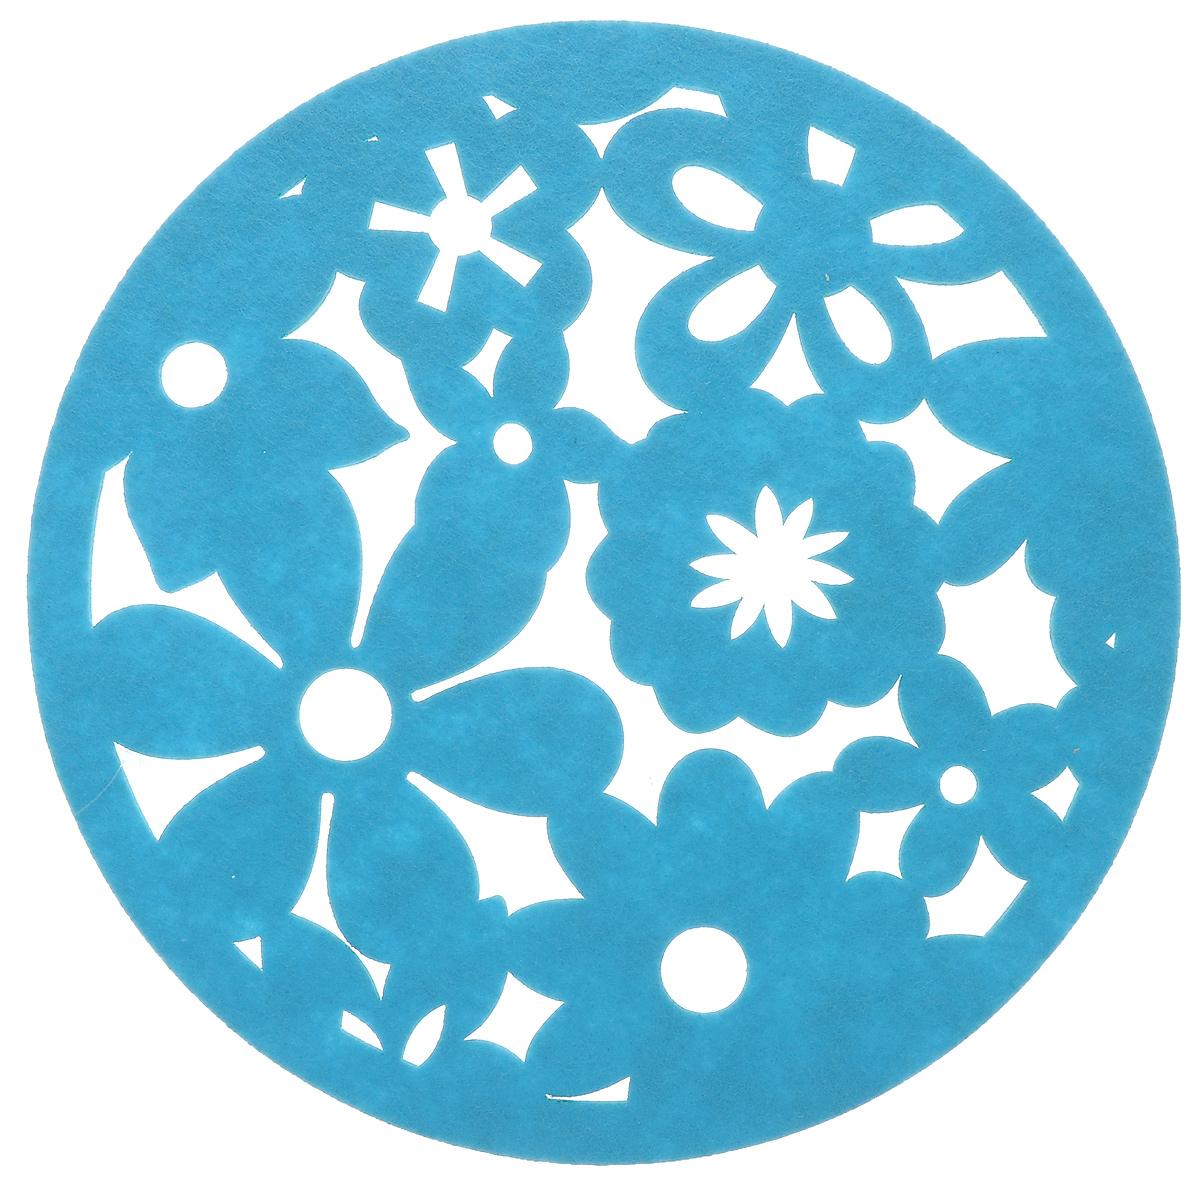 Салфетка Home Queen Цветы, цвет: синий, диаметр 30 см64494_2Салфетка Home Queen Цветы изготовлена из фетра и оформлена изысканной перфорацией в виде цветочных узоров. Такая салфетка прекрасно подойдет для украшения интерьера кухни, она сбережет стол от высоких температур и грязи. Диаметр: 30 см.